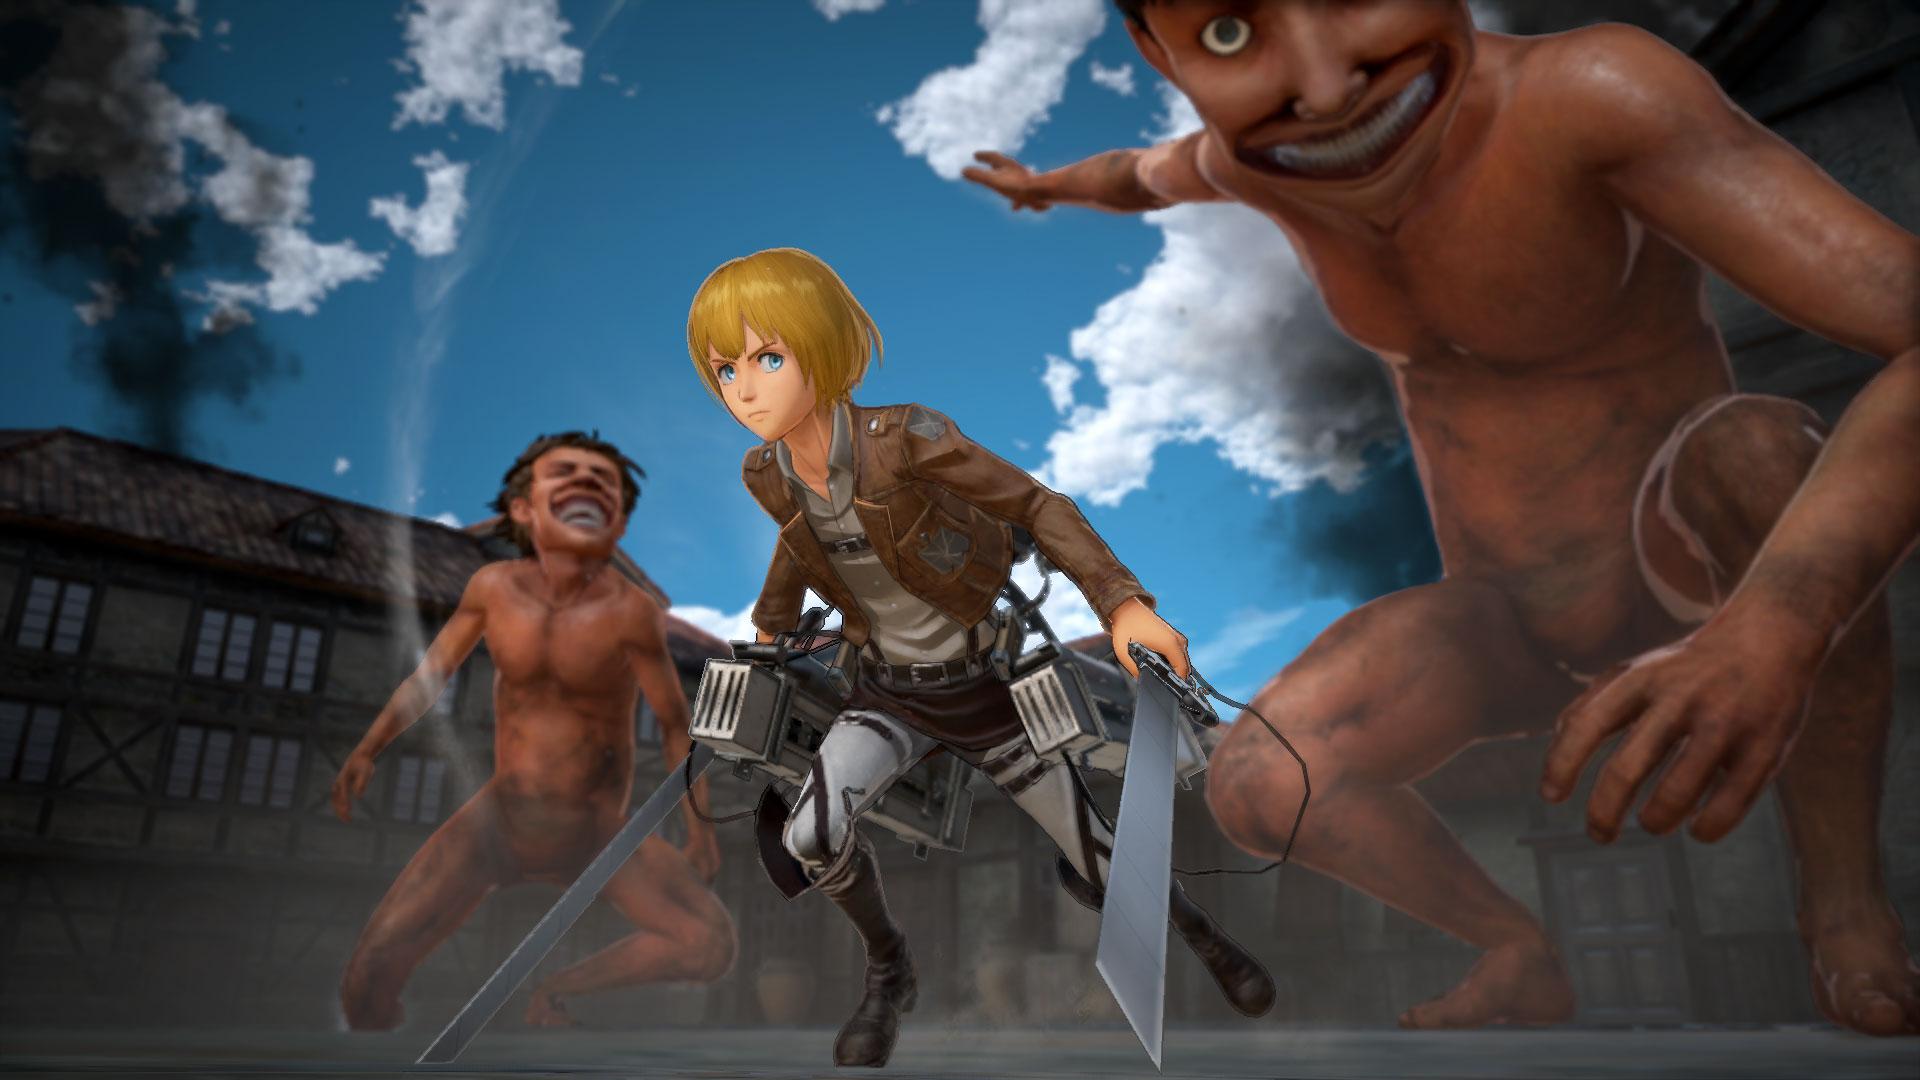 Attack on Titan 2 - Attack on Titan 2 Арт, Рендер, Скриншот